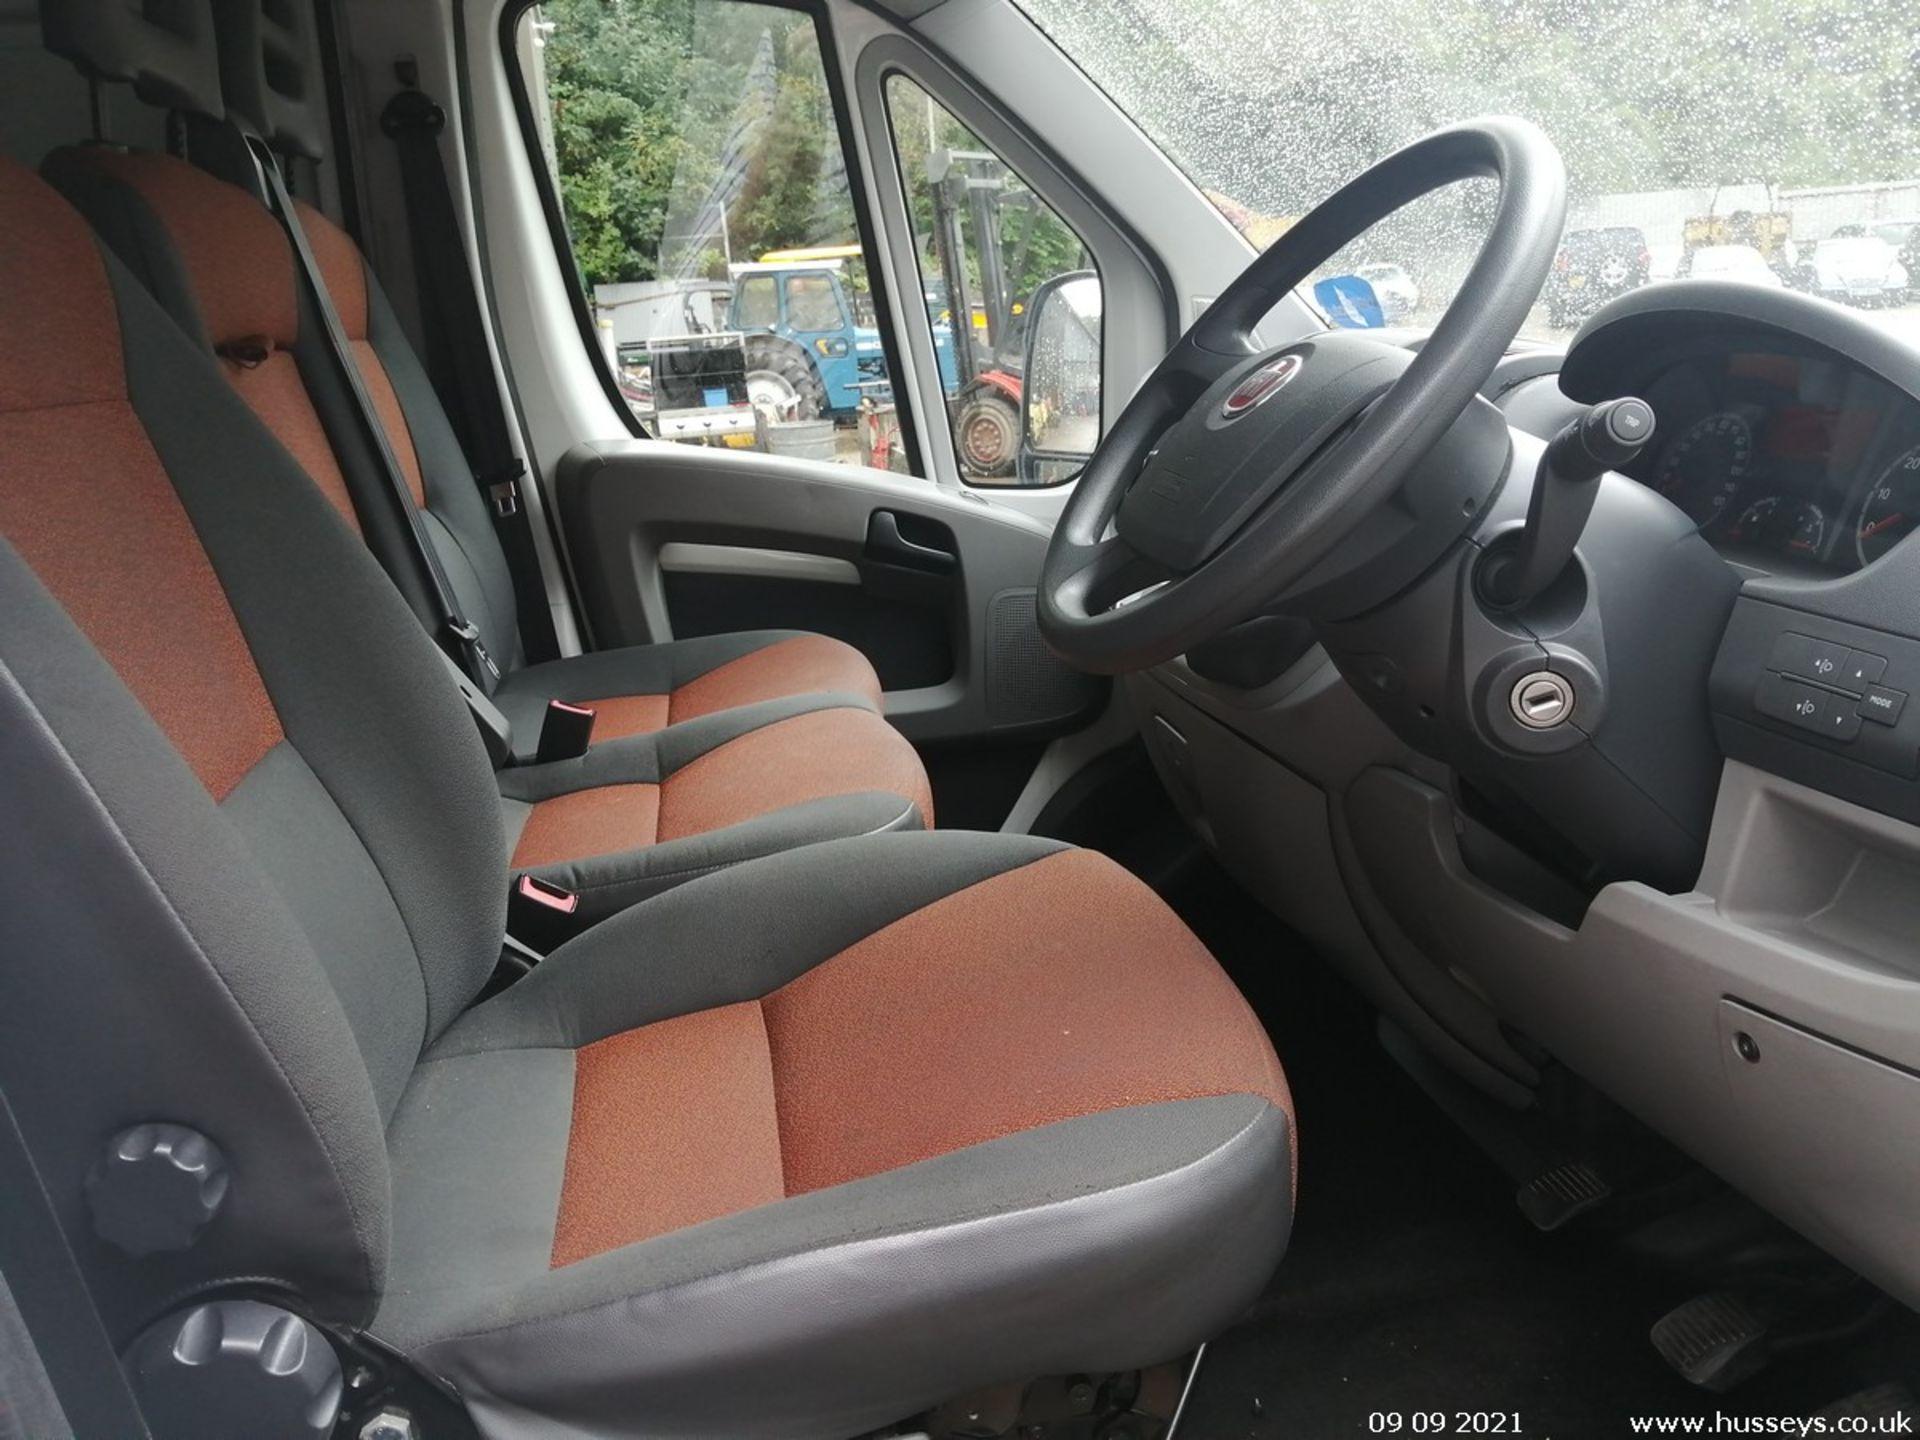 11/61 FIAT DUCATO 35 MAXI160 M-J LWB - 2999cc 5dr Van (White, 108k) - Image 12 of 12